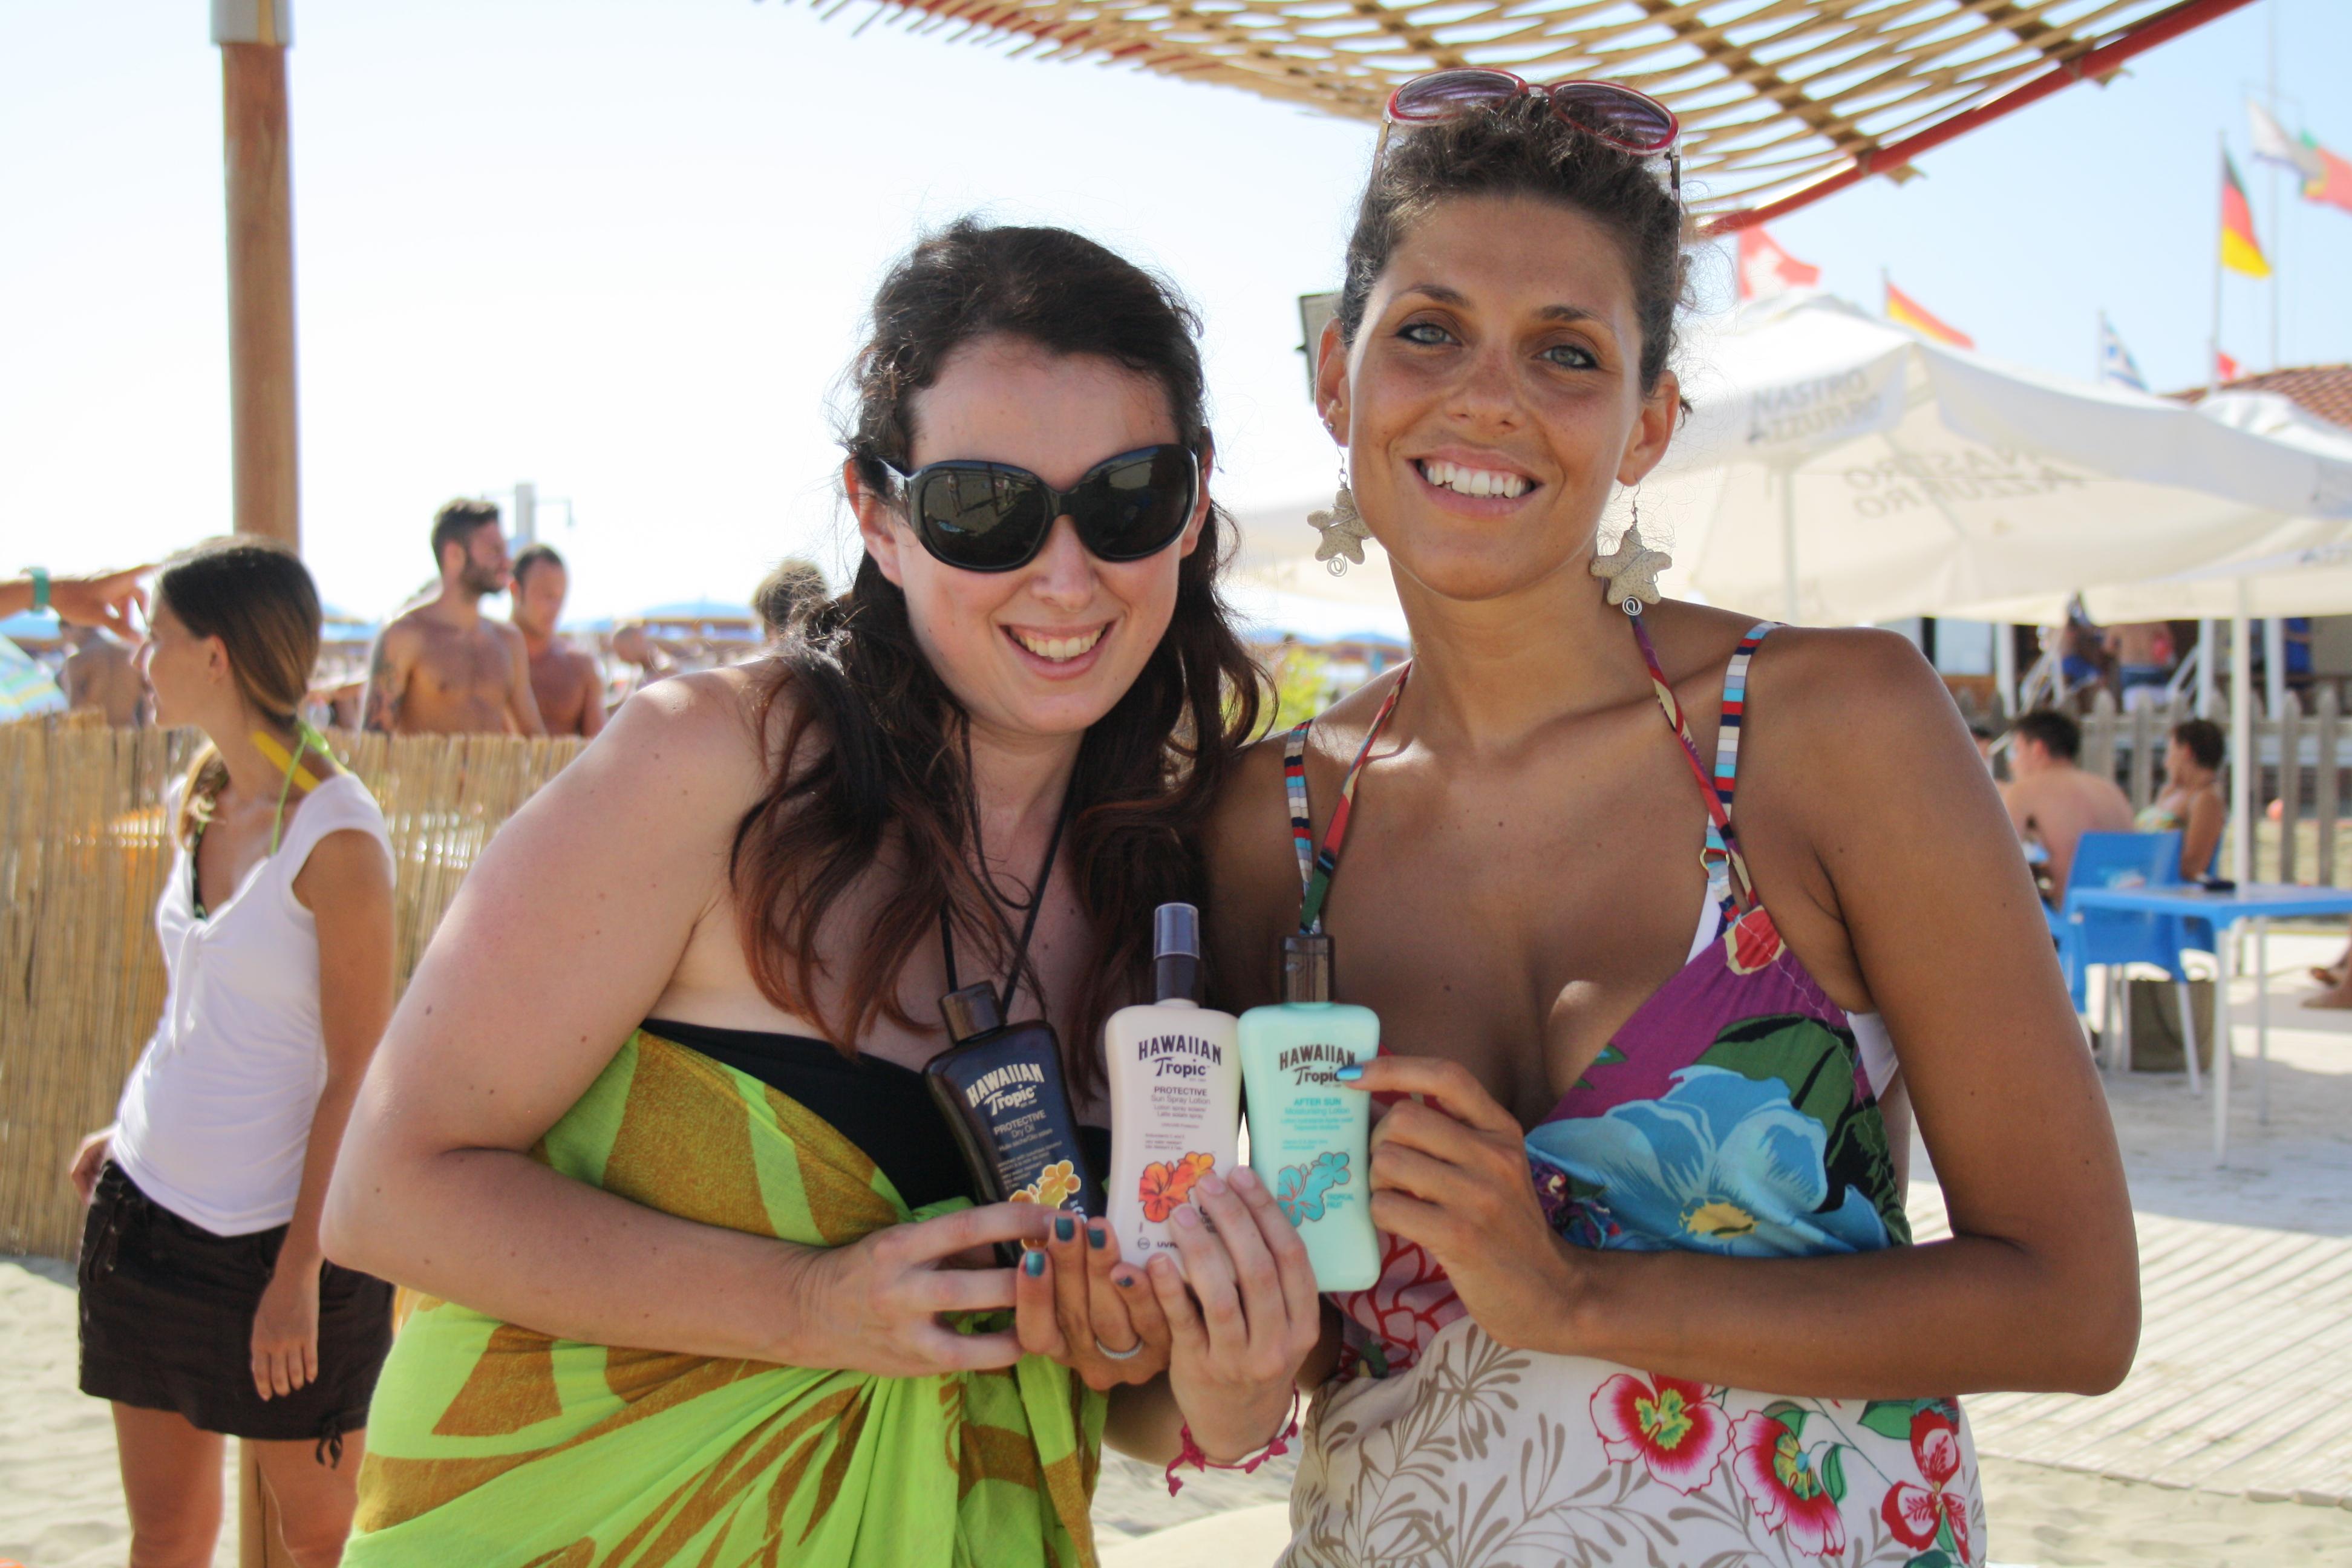 Federica con i suoi prodotti Hawaiian Tropic: adesso però li devi usare e dirci tutto ;-)